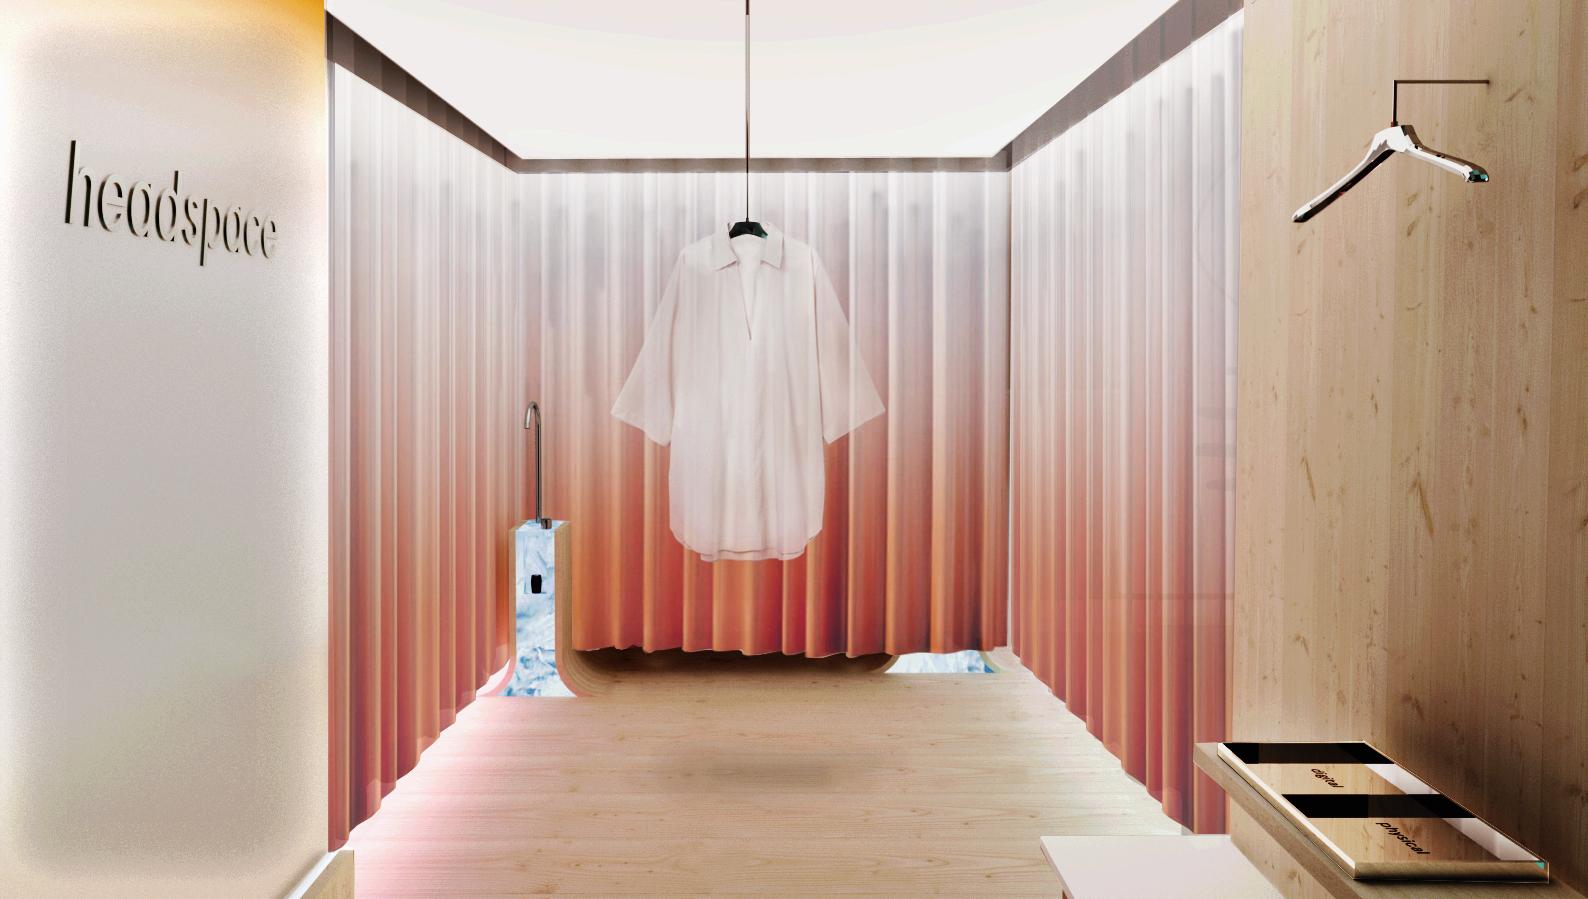 Zeina Magazachi work image